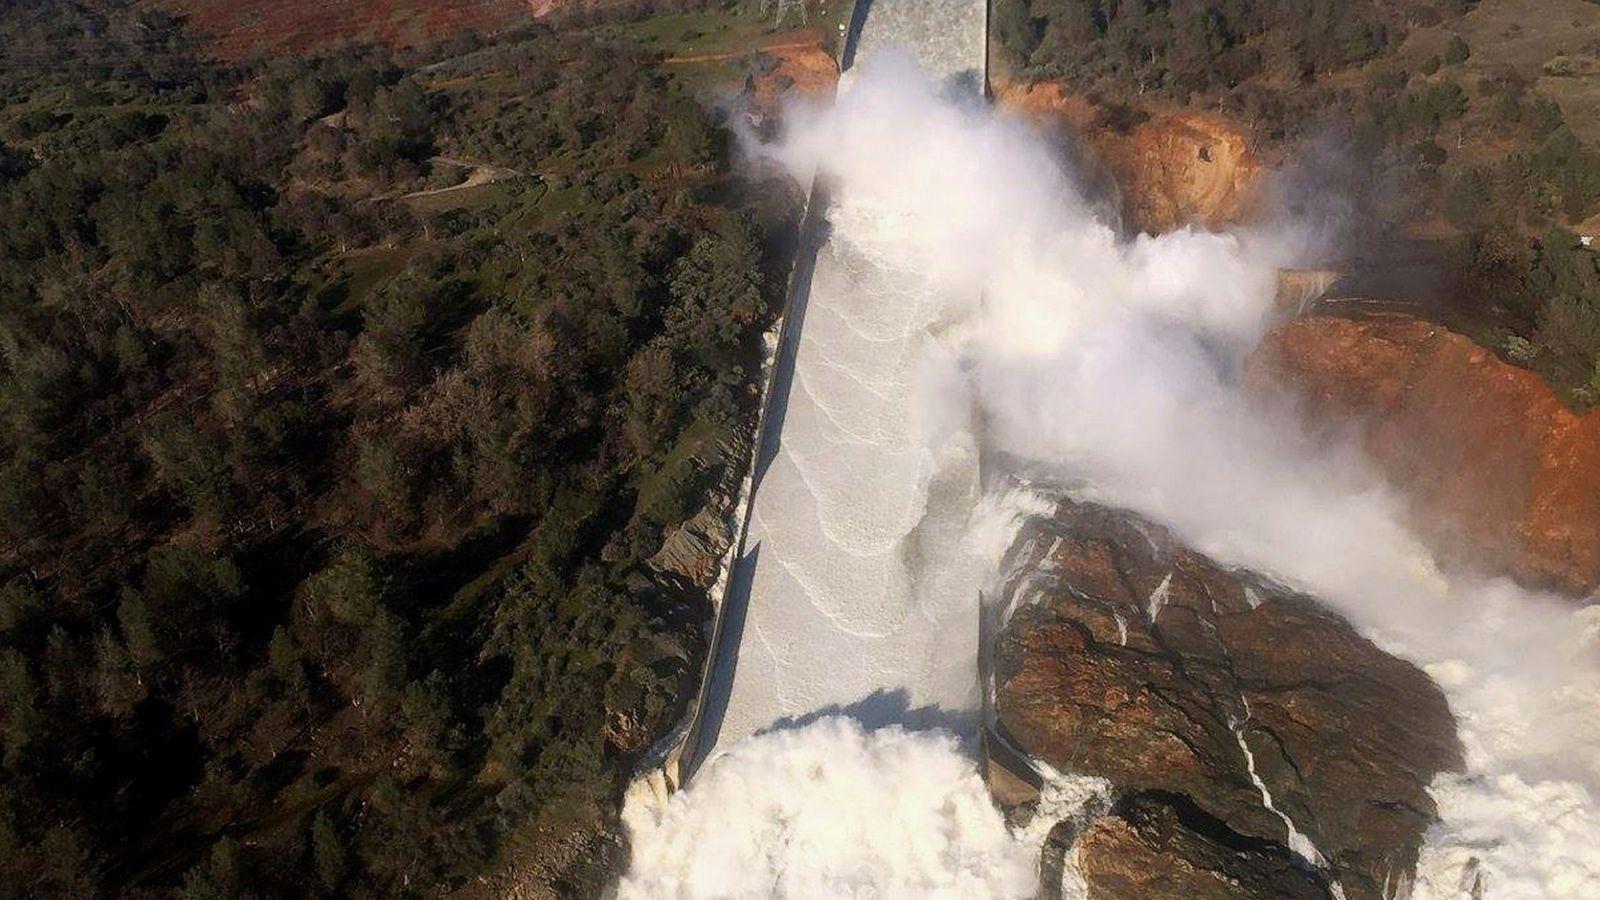 La-ingenieria-que-ha-evitado-de-momento-una-inundacion-catastrofica-en-california